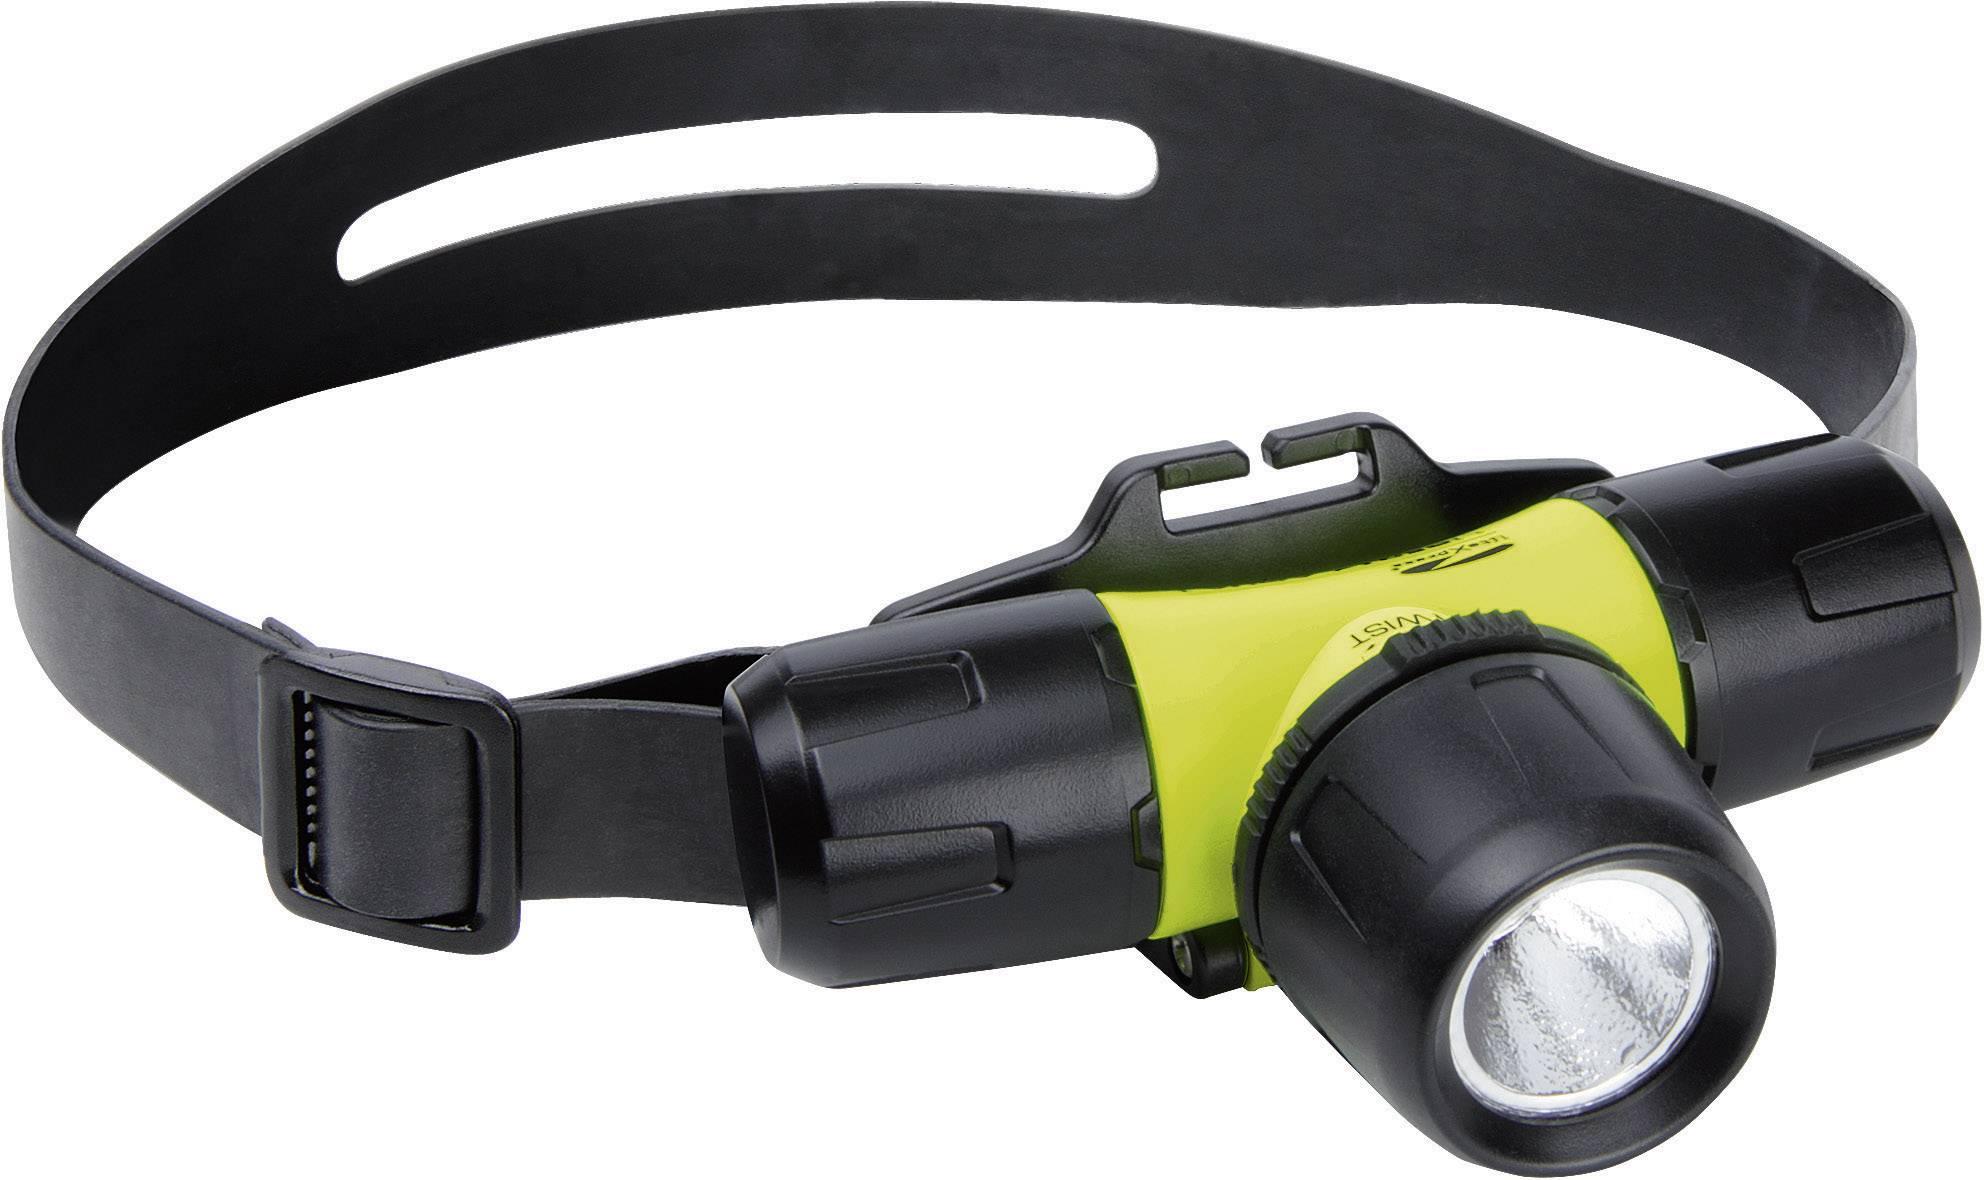 Vodotěsná čelovka LiteXpress Liberty Aqua 1, žlutá/černá